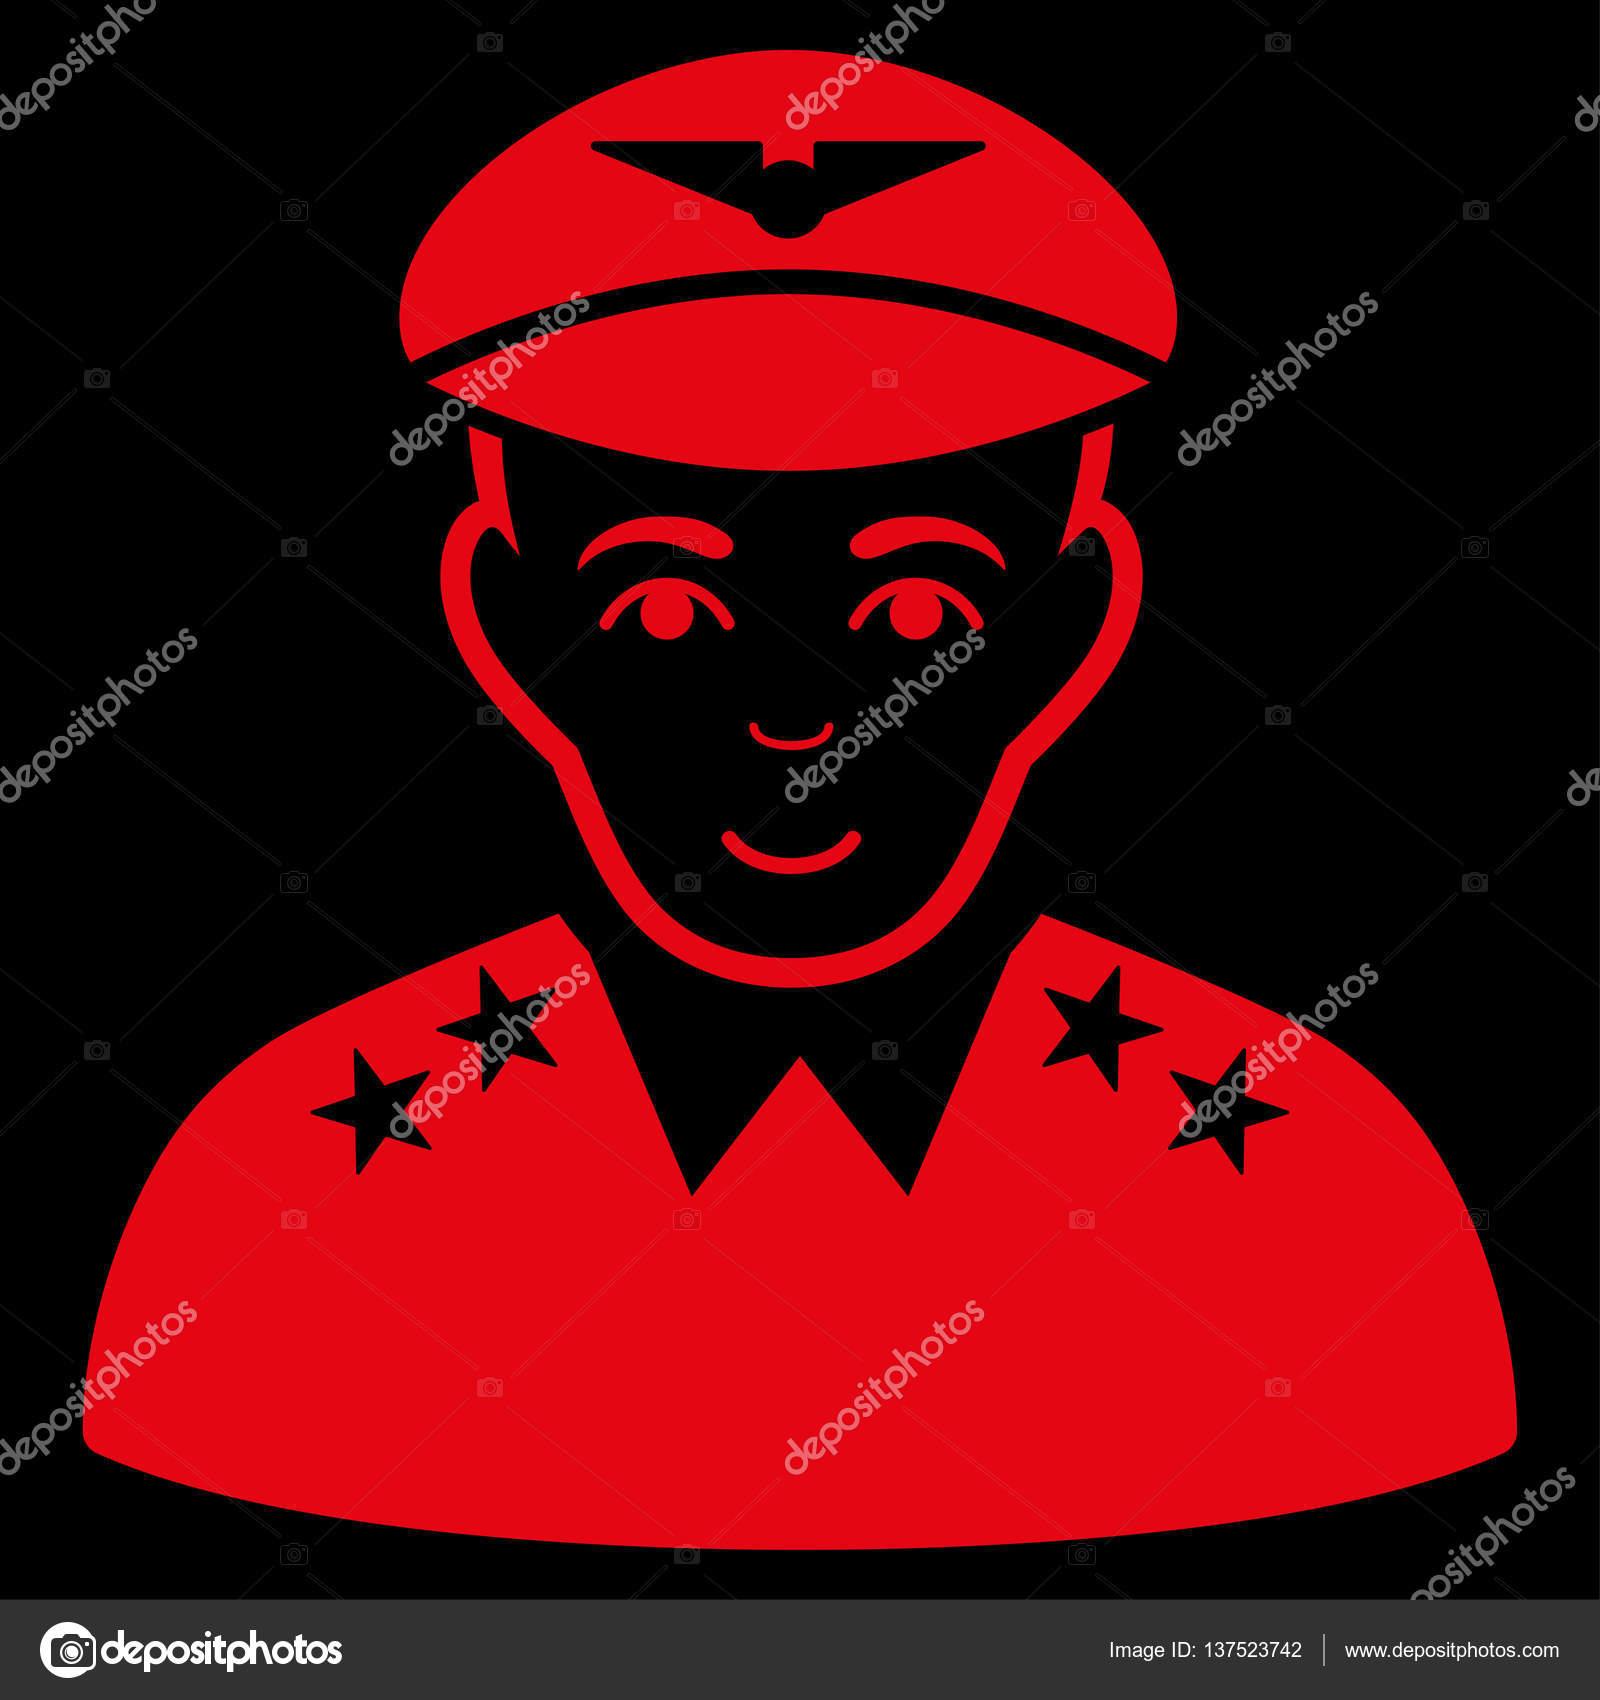 Icona di vettore ufficiale pilota militare. Simbolo rosso. Pittogramma è  isolato su una priorità bassa nera. Progettato per le interfacce web e  software ... 441c2ec5adf1